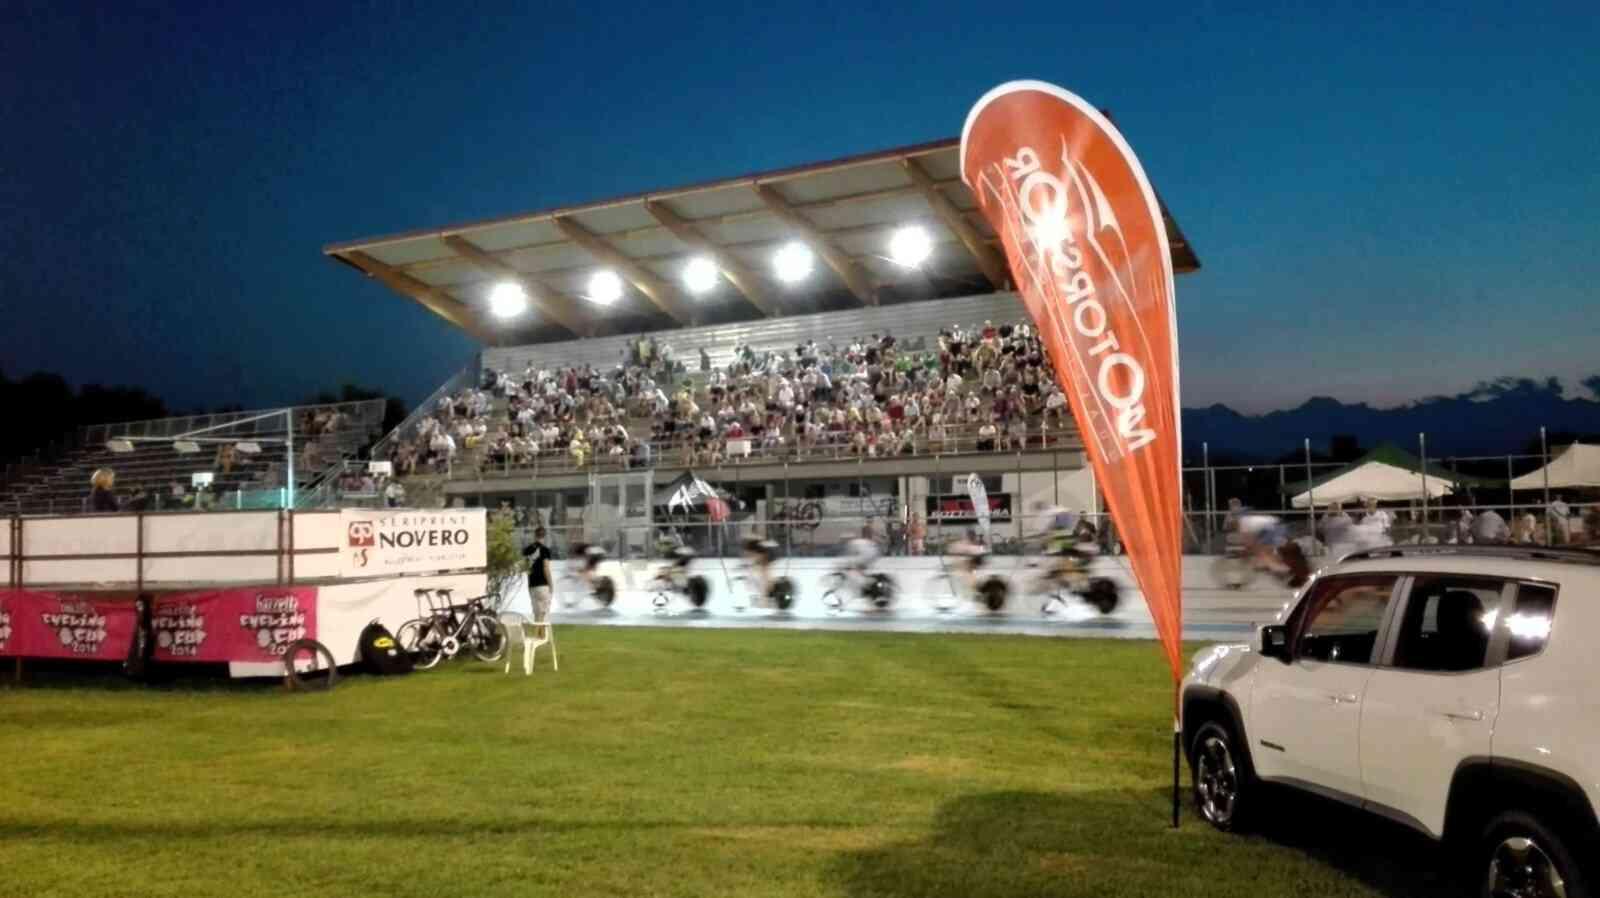 velodromo francone 7 partner primo piano rivista promuovere